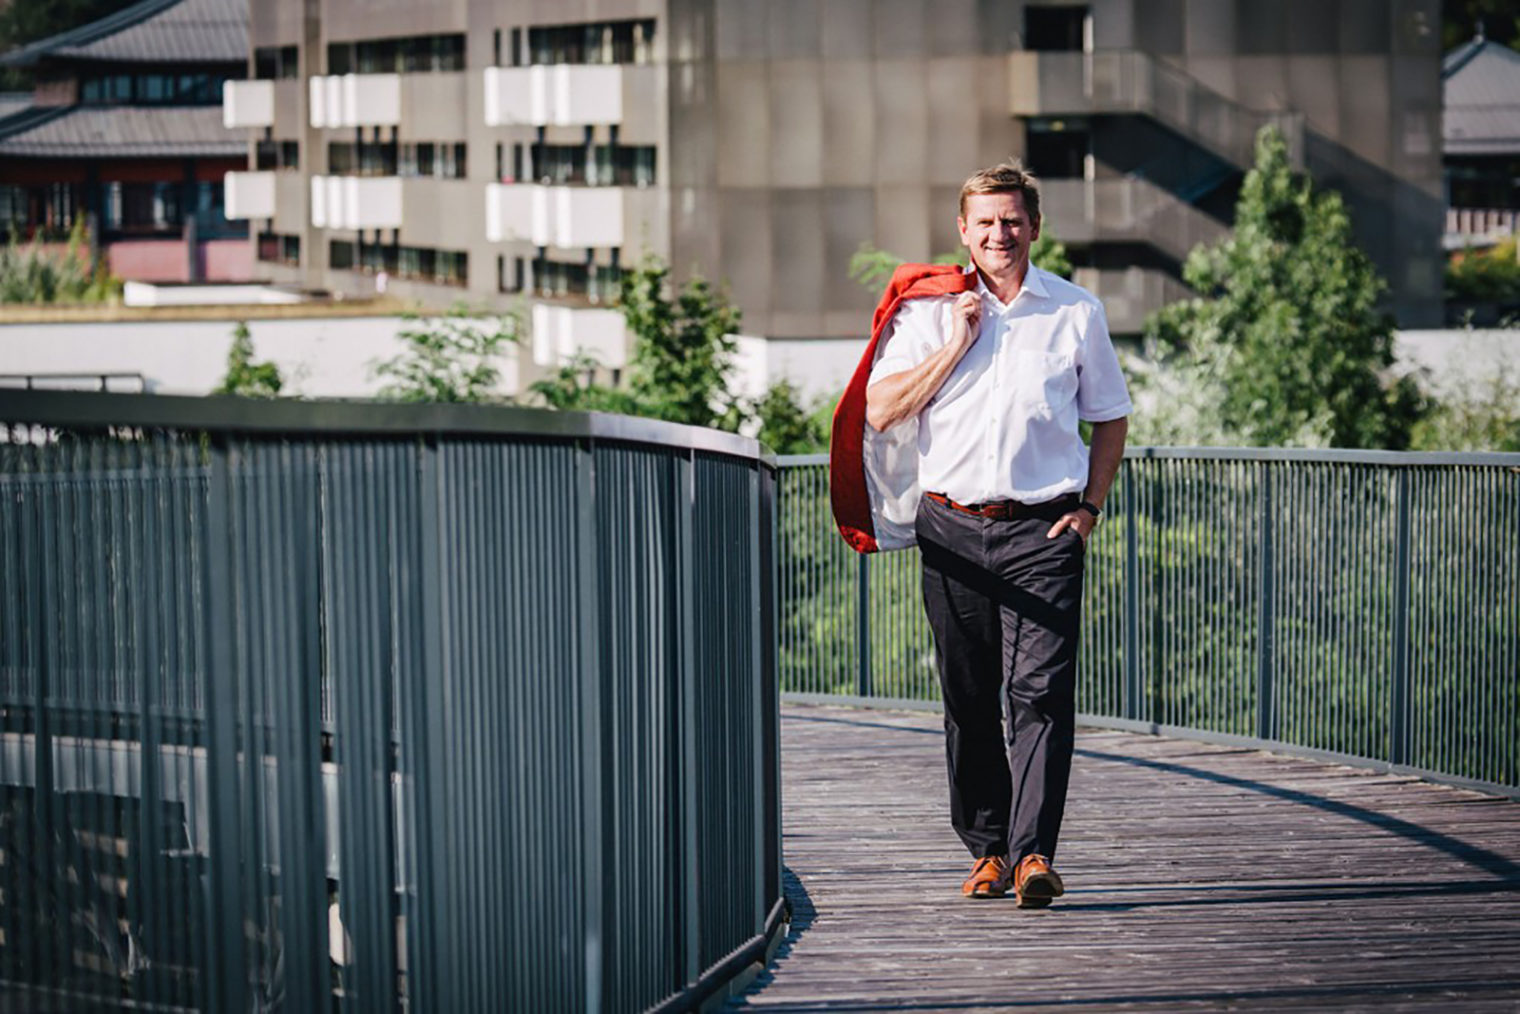 Bürgermeister Kurt Wallner geht über eine Brücke, im Hintergrund das Asia Spa